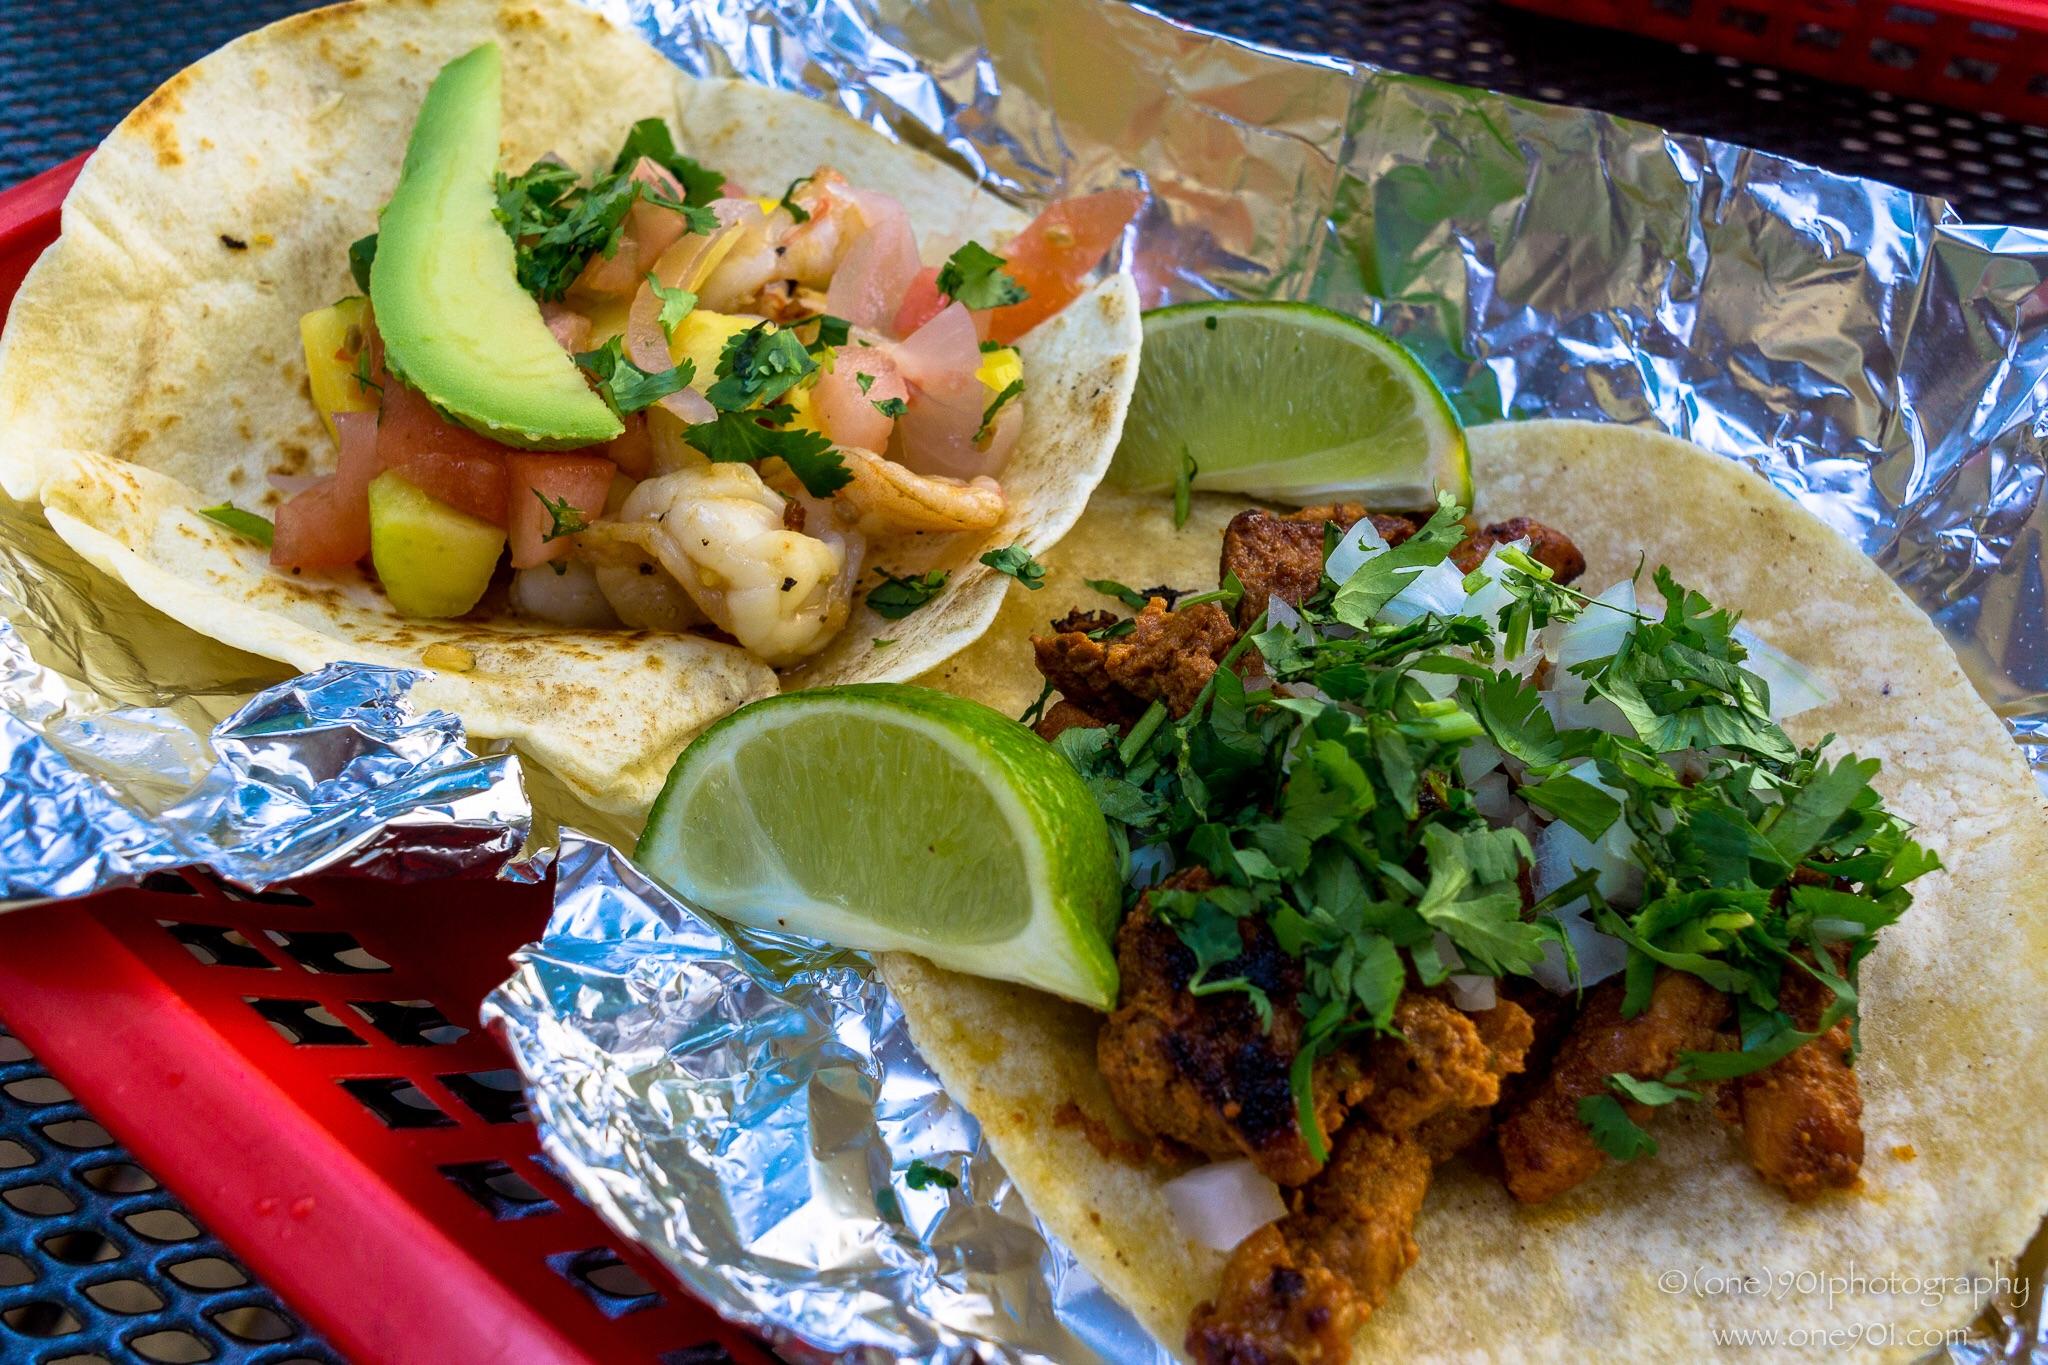 Garlic shrimp and Pastor tacos